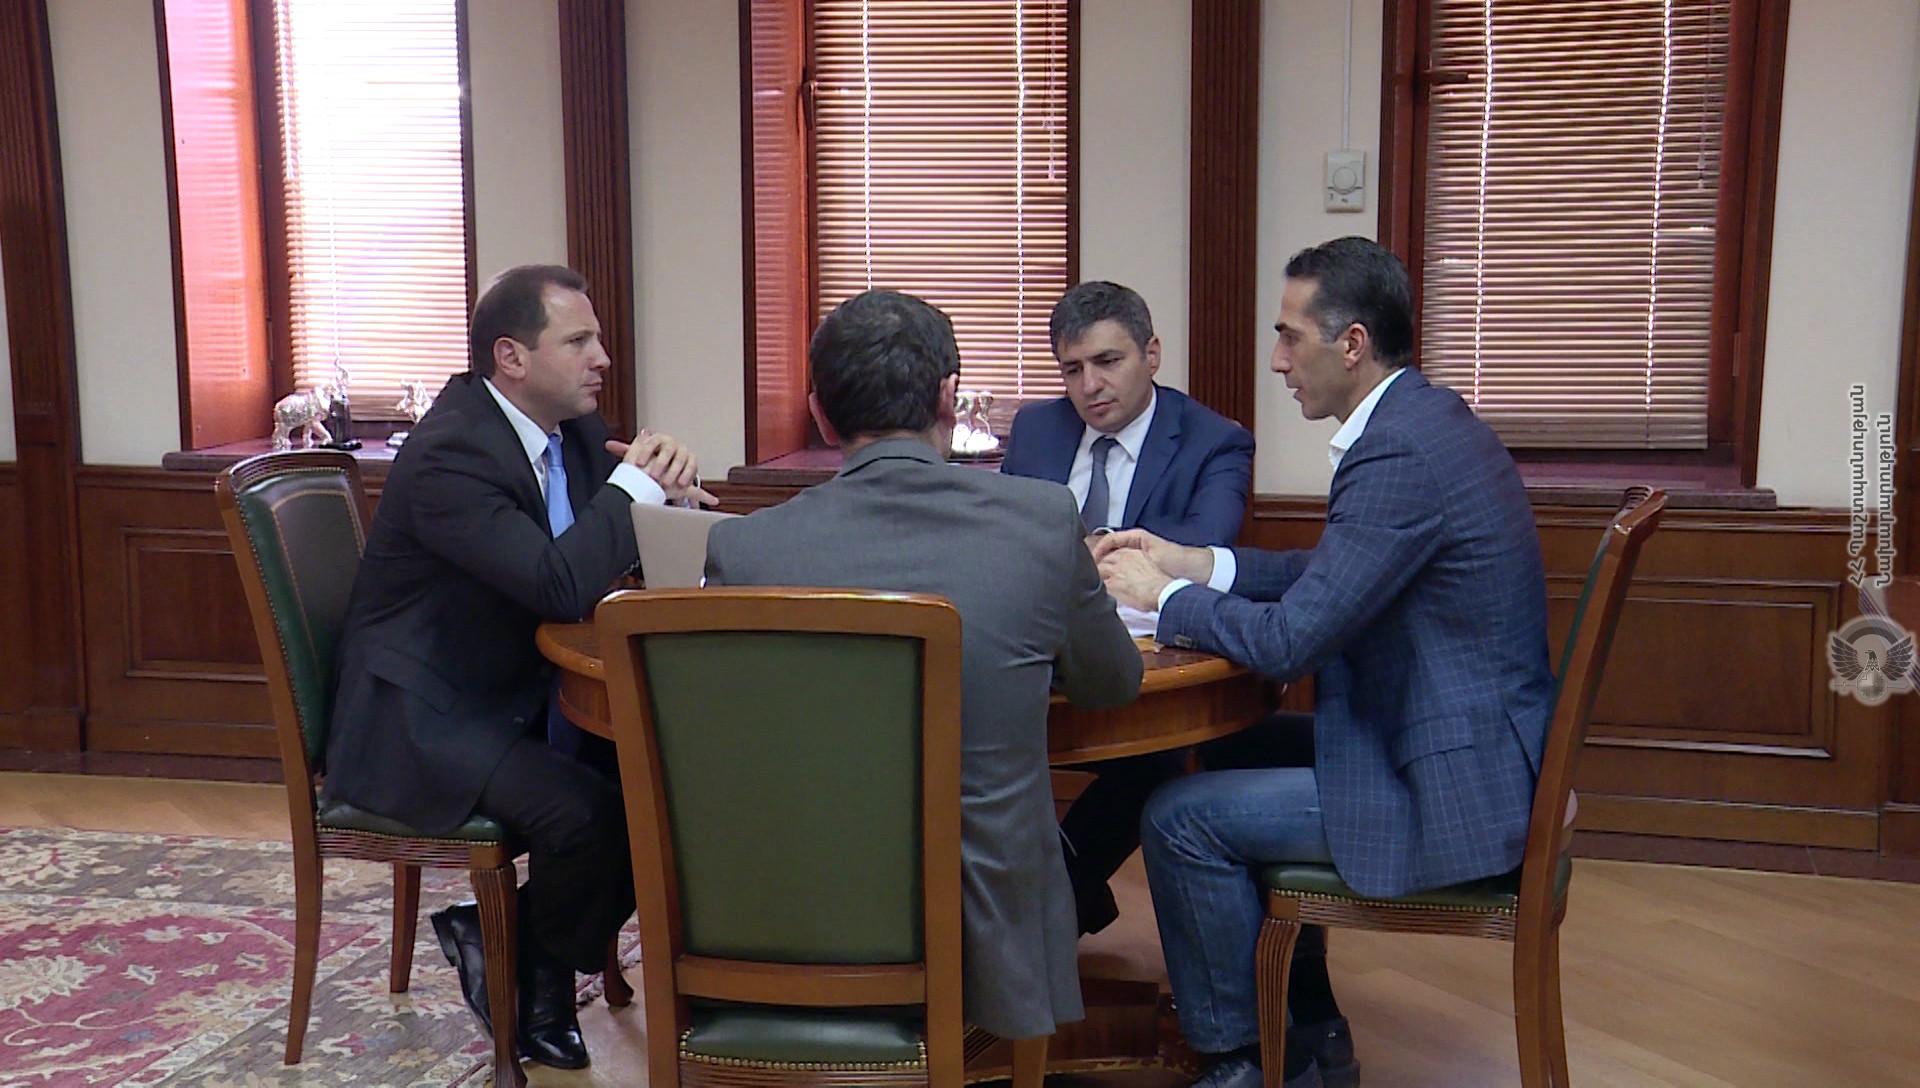 Դավիթ Տոնոյանն ընդունել է Հայաստանի գիտության և տեխնոլոգիաների հիմնադրամի գործադիր տնօրենին